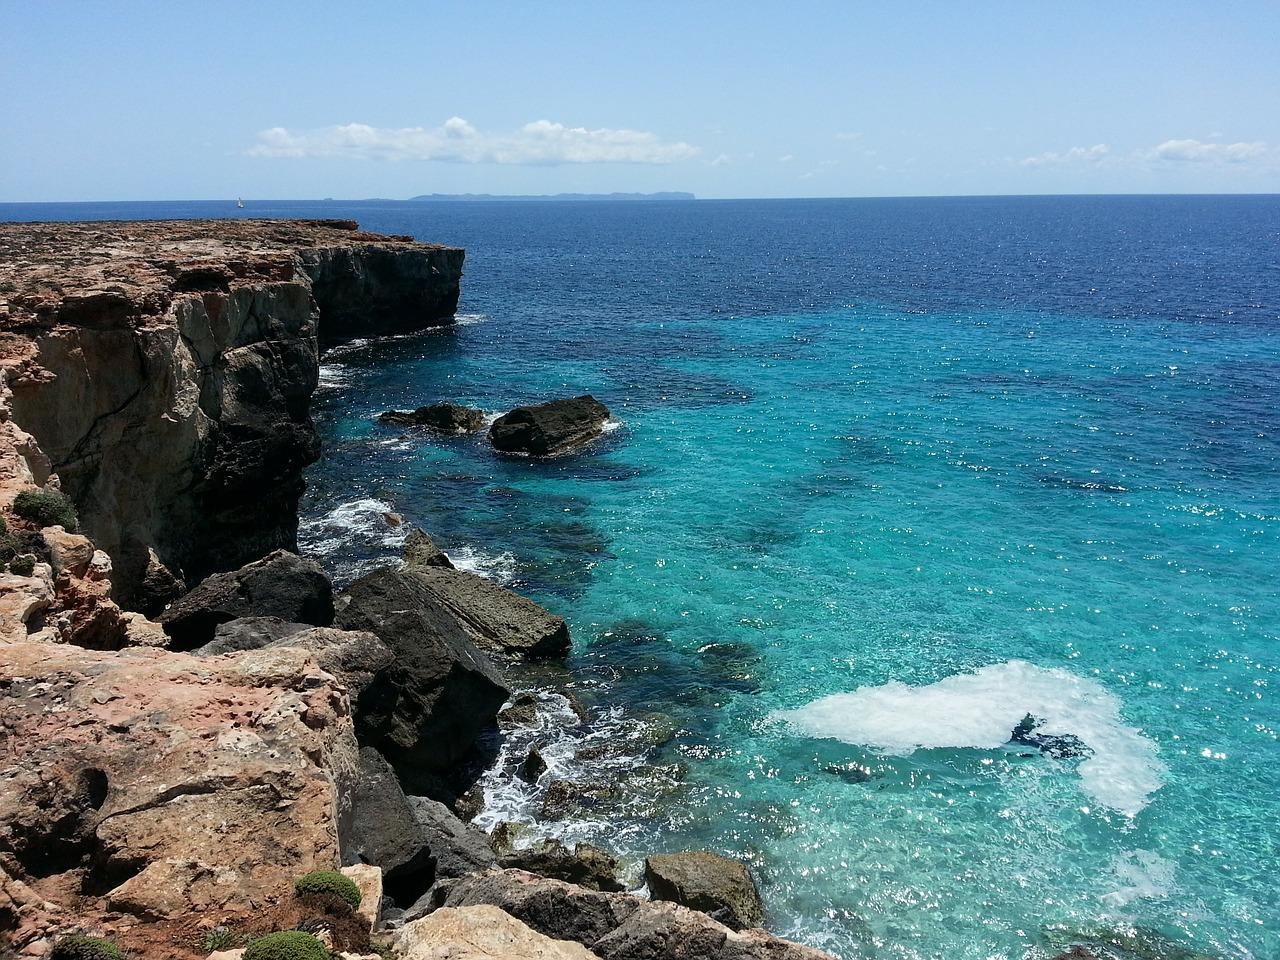 Das Mittelmeer von seiner schönsten Seite